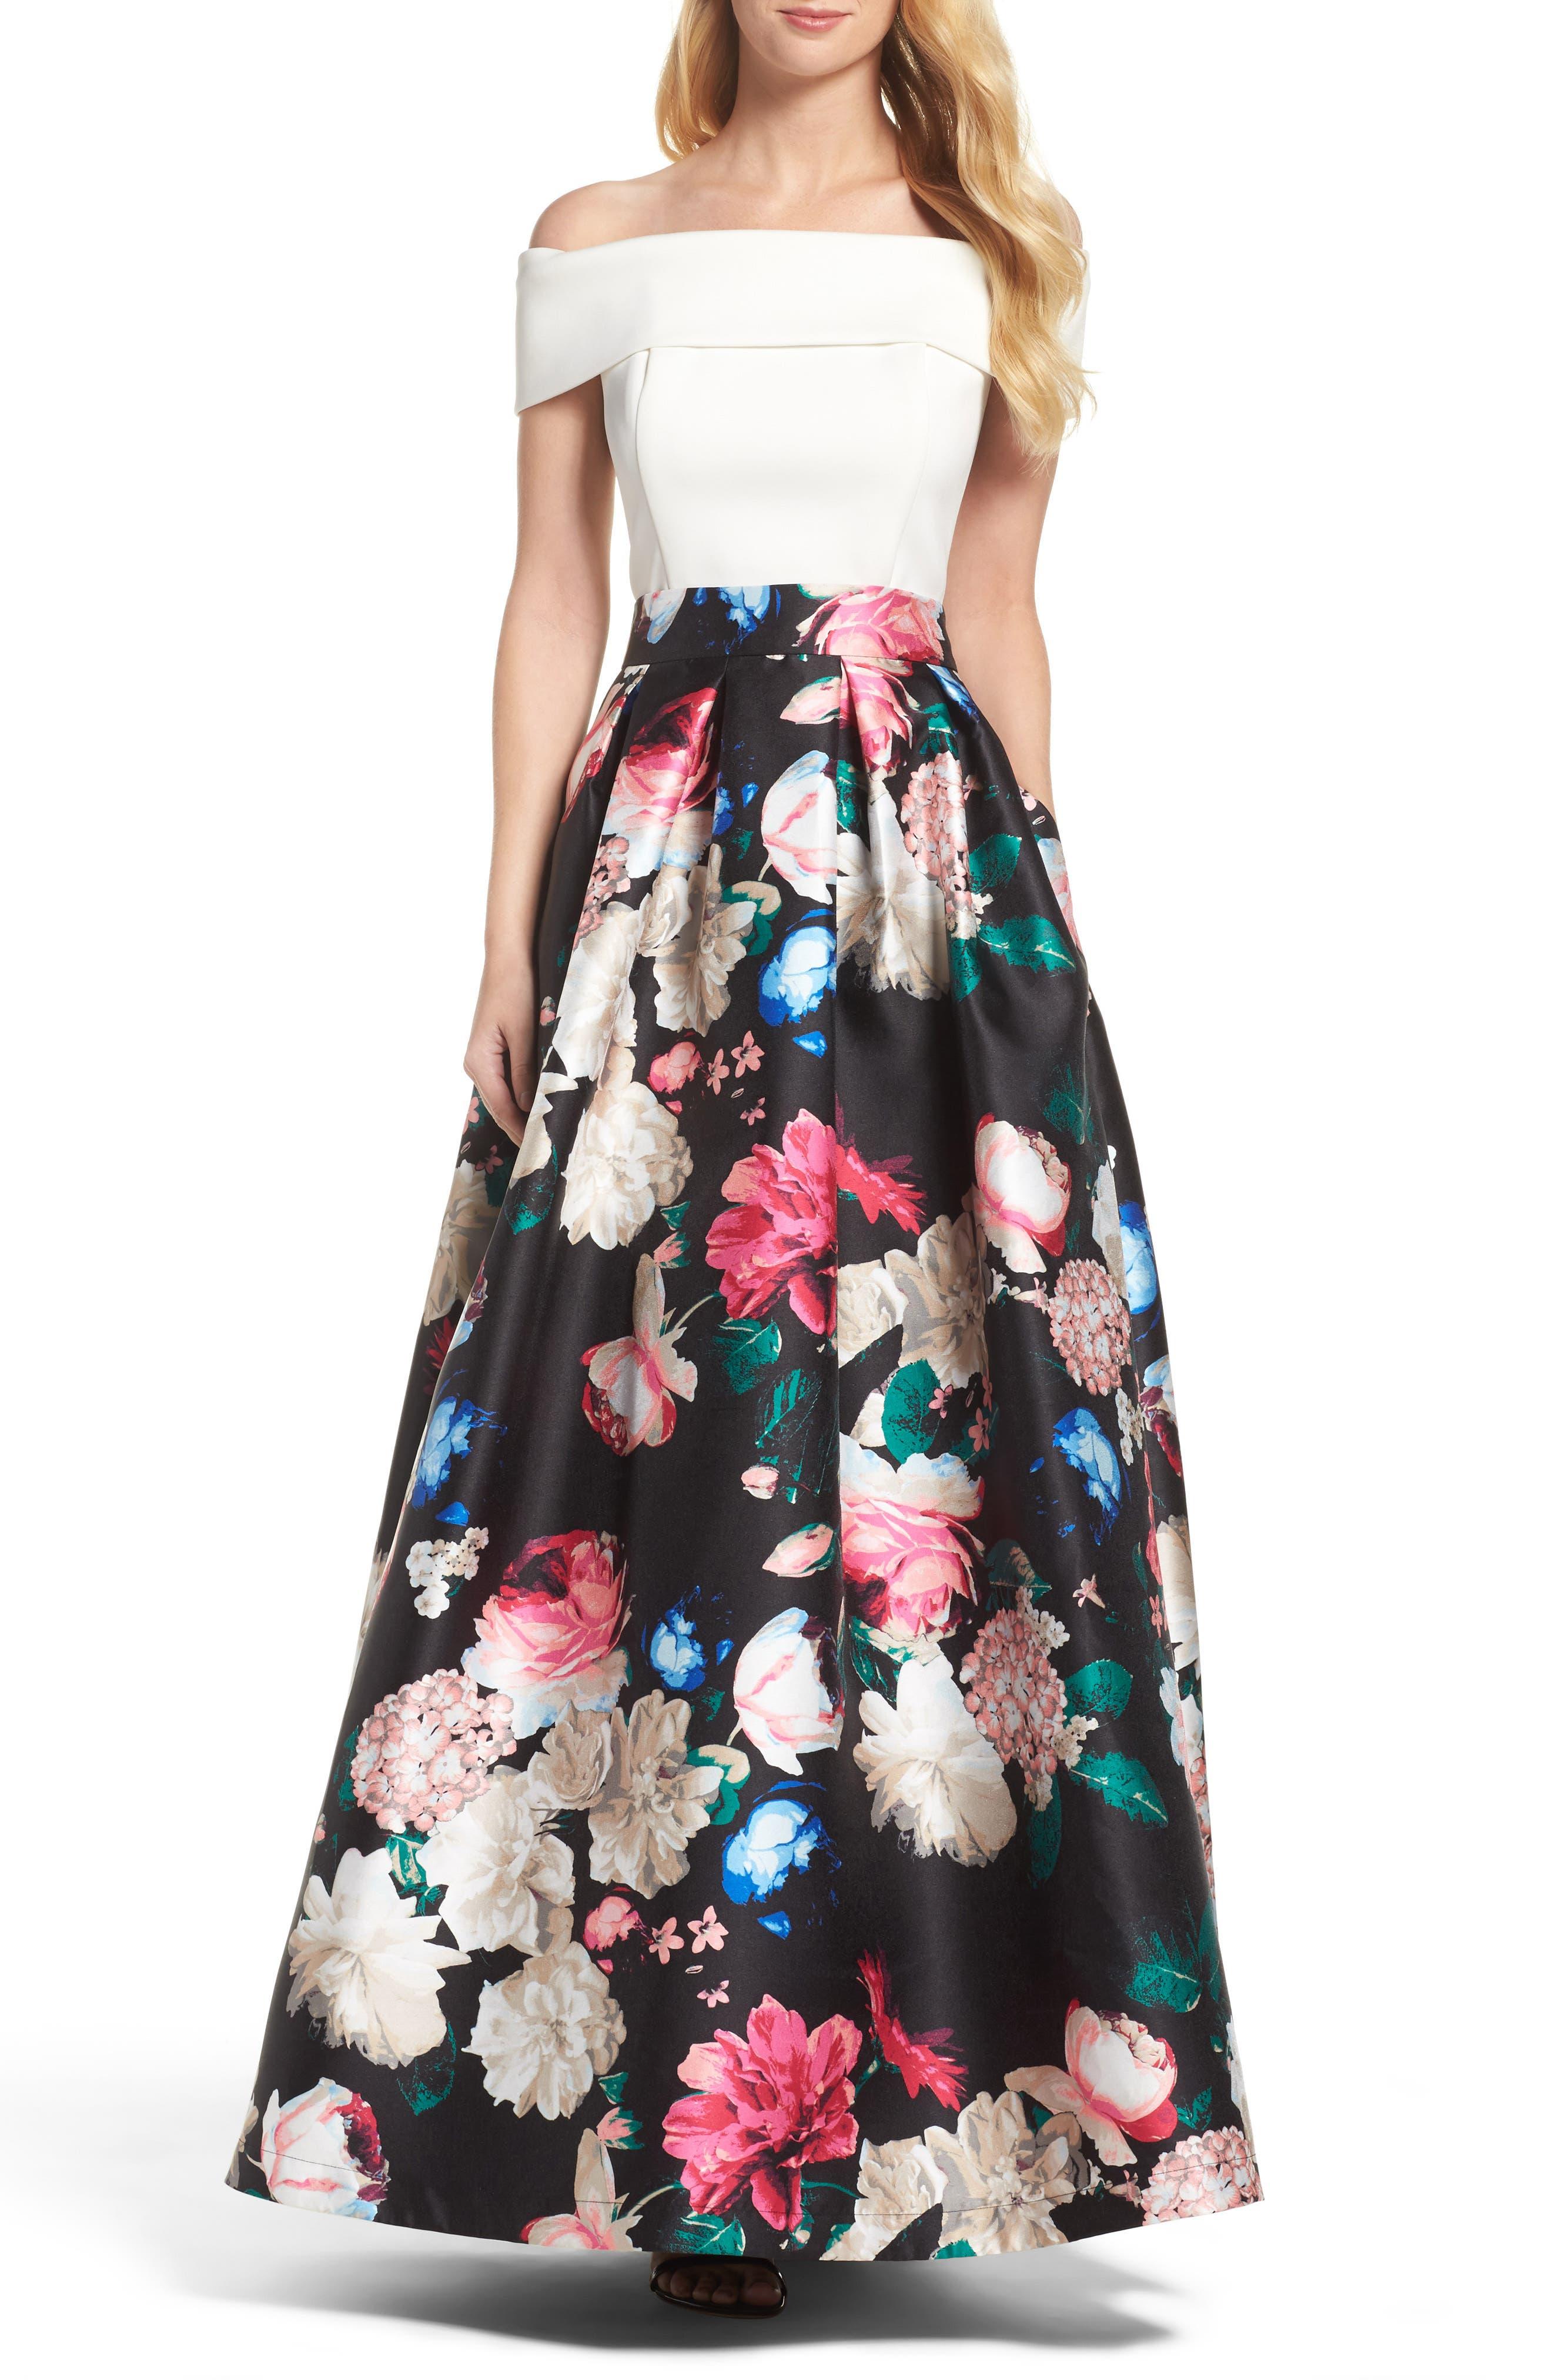 Faille Ball Skirt,                             Alternate thumbnail 6, color,                             Black/ Pink